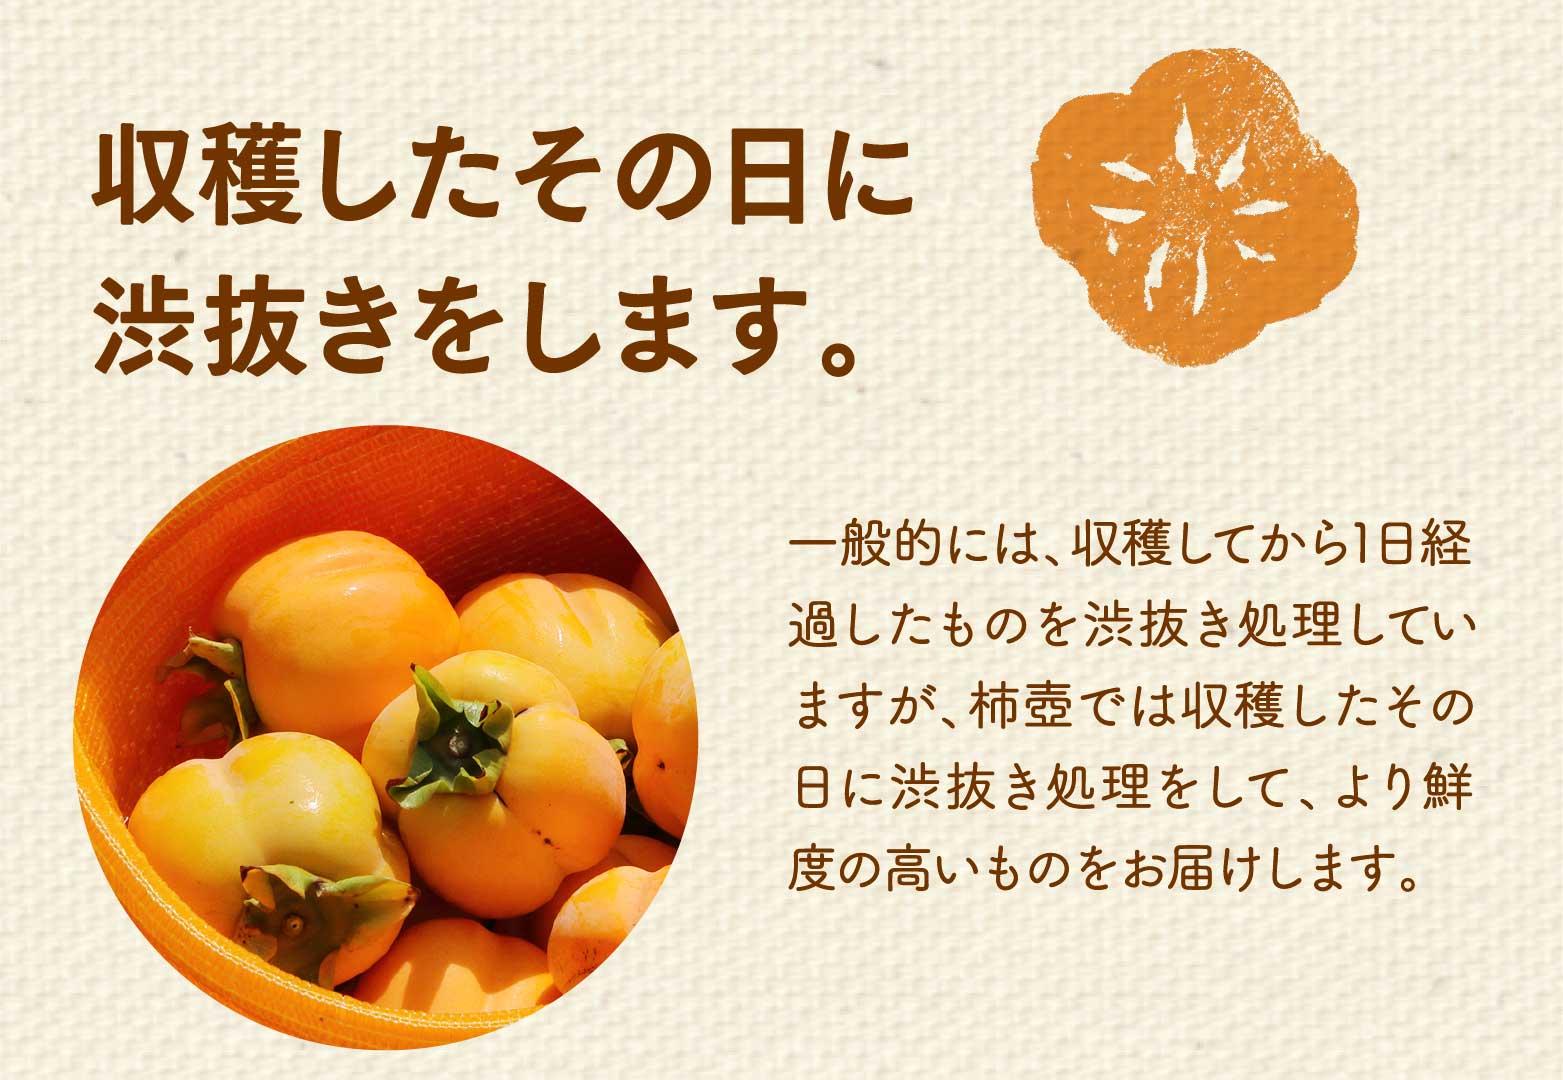 収穫したその日に渋抜きをします。一般的には、収穫してから1日経過したものを渋抜き処理していますが、柿壺では収穫したその日に渋抜き処理をして、より鮮度の高いものをお届けします。